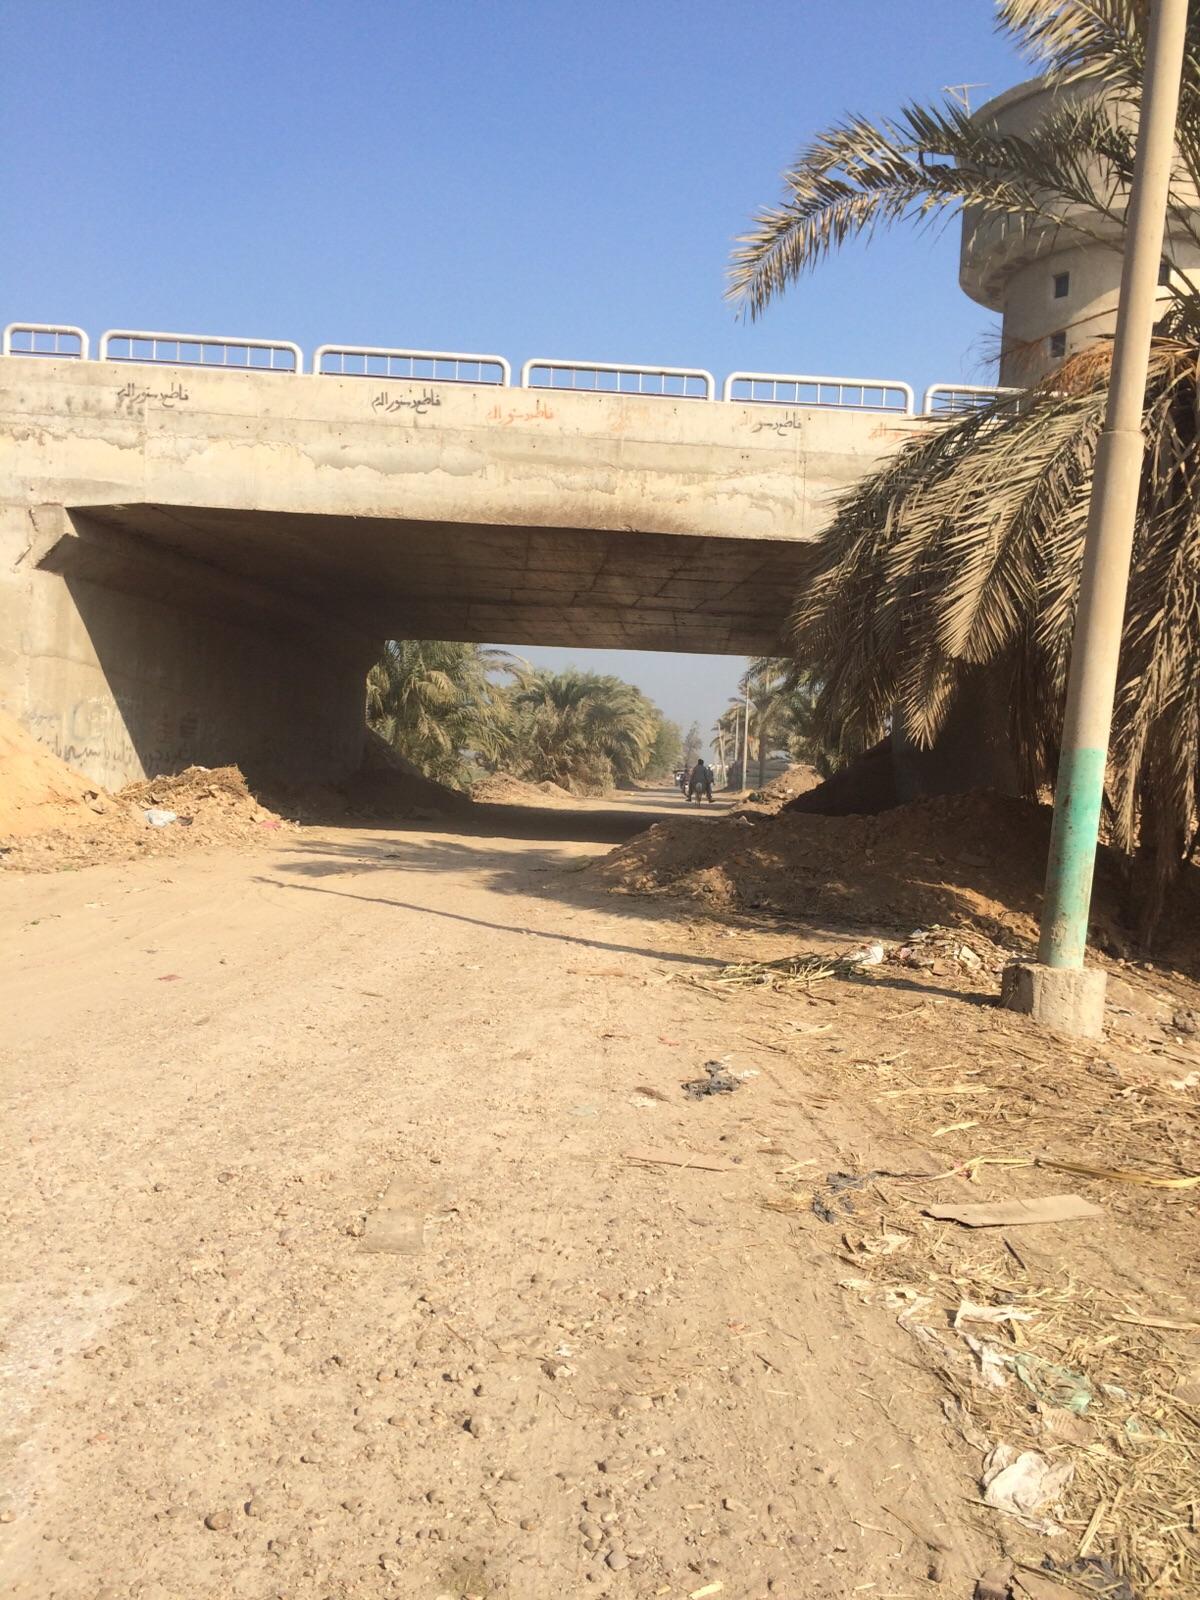 صور.. كوبري على الطريق الصحراوي يشهد عمليات سرقة للسيارات